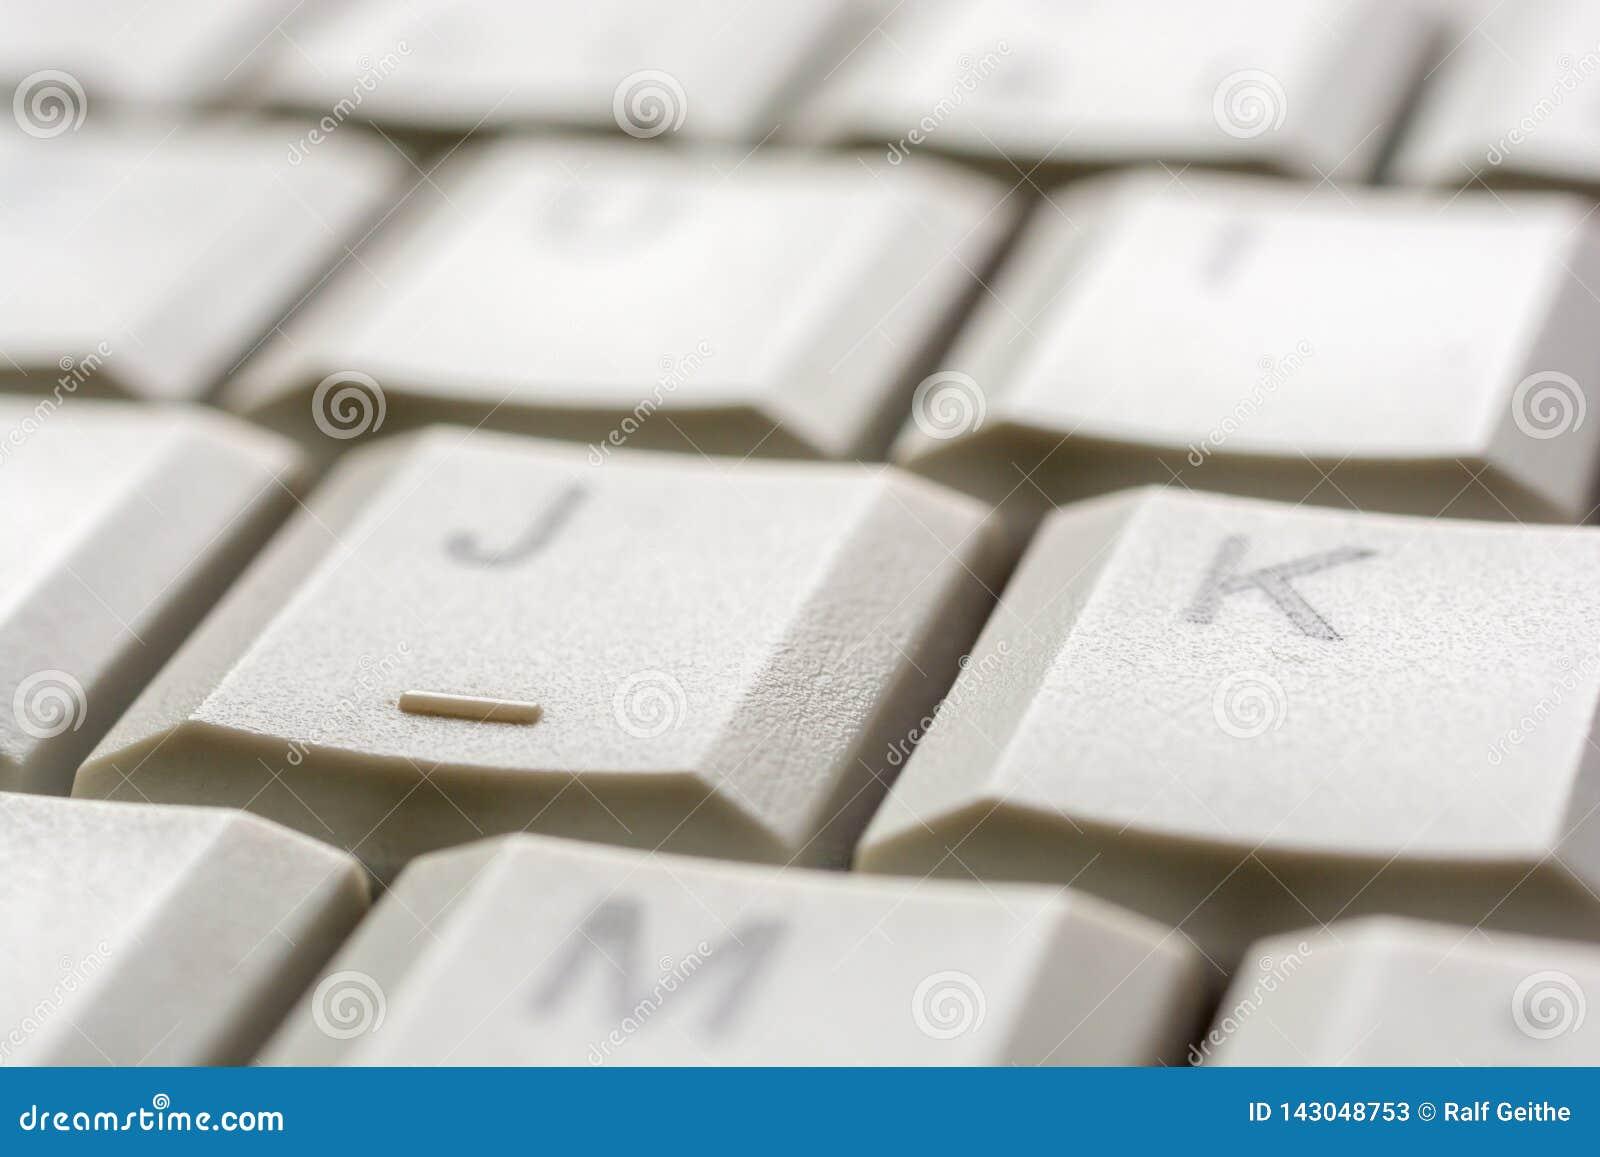 Indagine sulla chiave di una tastiera di computer come aiuto dell input